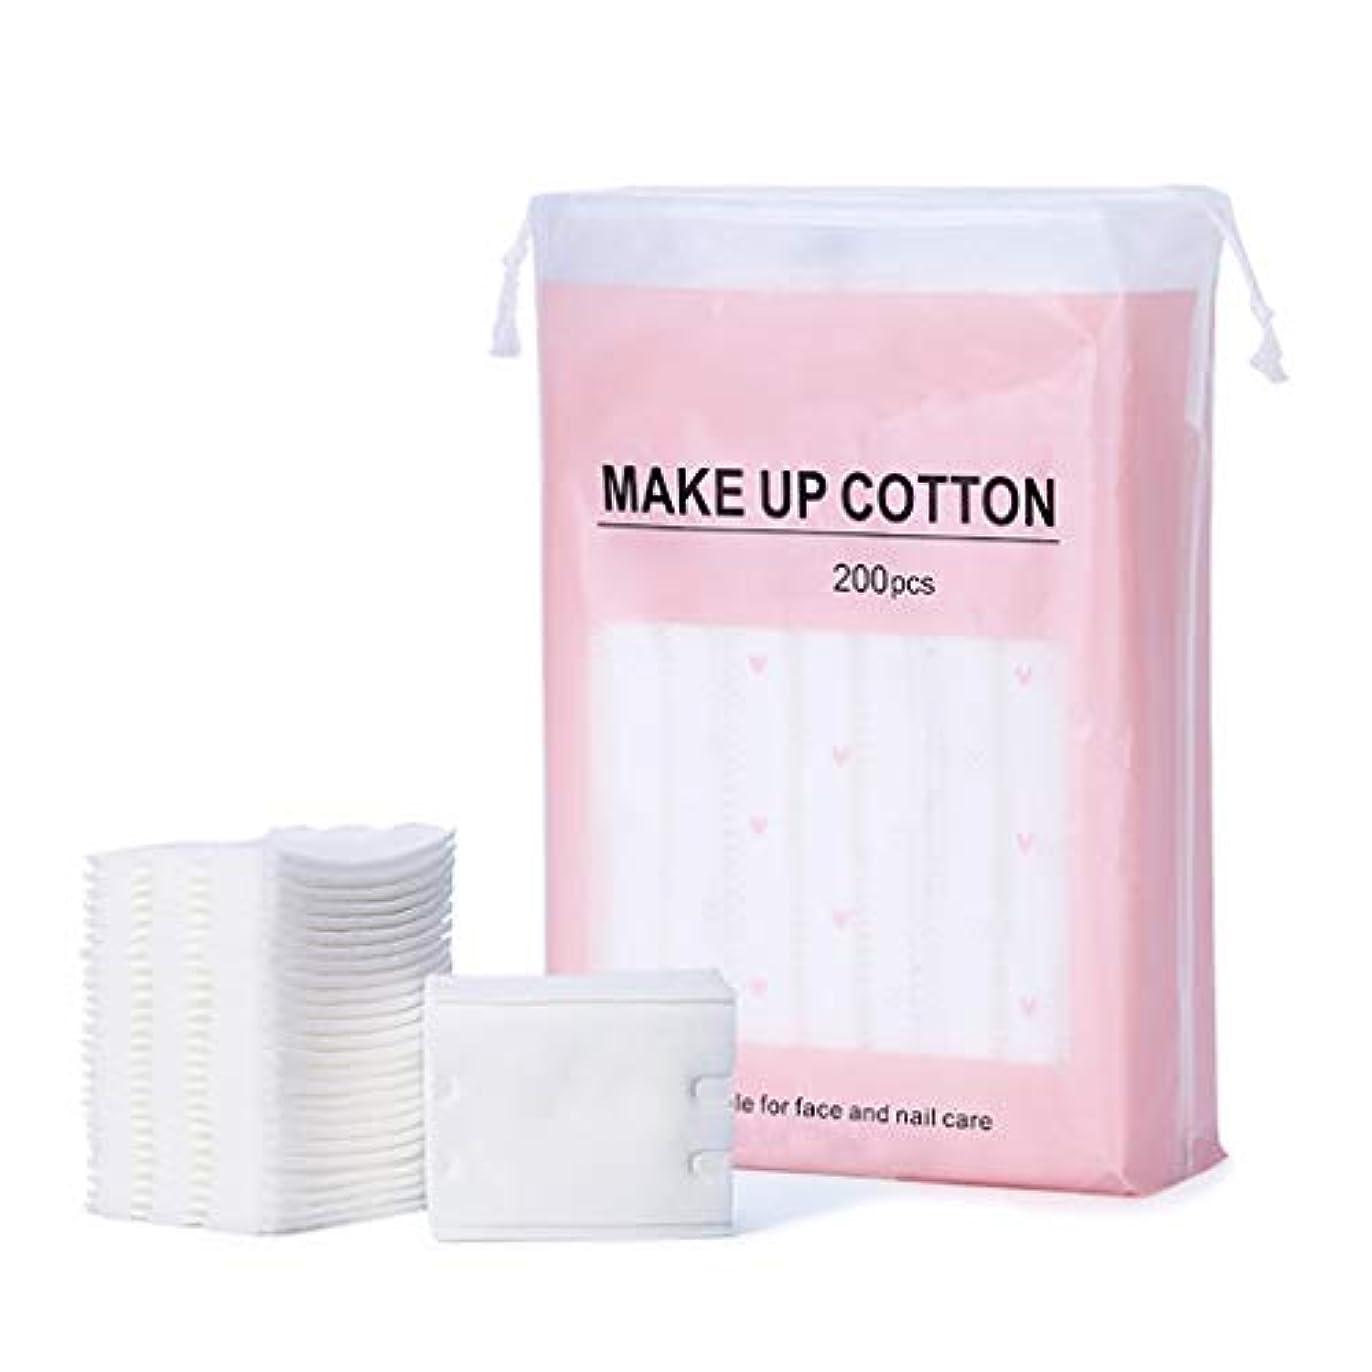 賠償決済スケジュールクレンジングシート 200ピース三層化粧品コットンパッド拭きナチュラル毎日用品フェイシャルコットンメイク落としツール (Color : White)